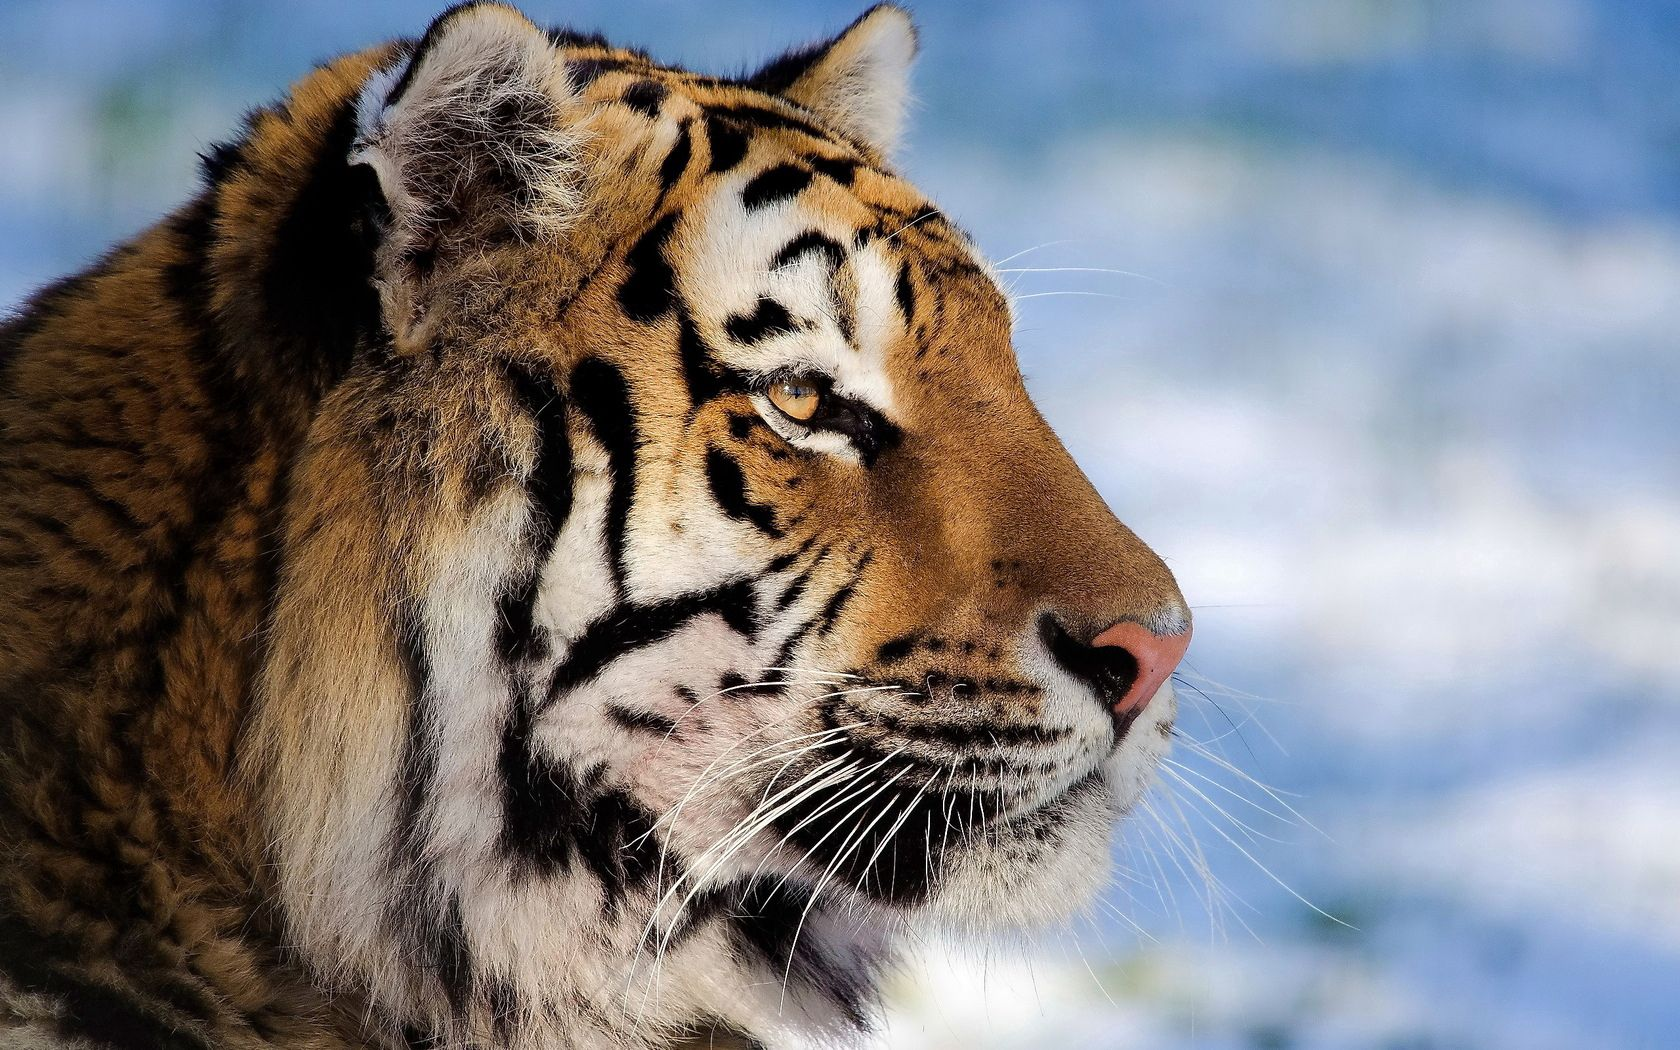 92397 скачать обои Животные, Тигр, Морда, Профиль, Полосатый, Большая Кошка - заставки и картинки бесплатно